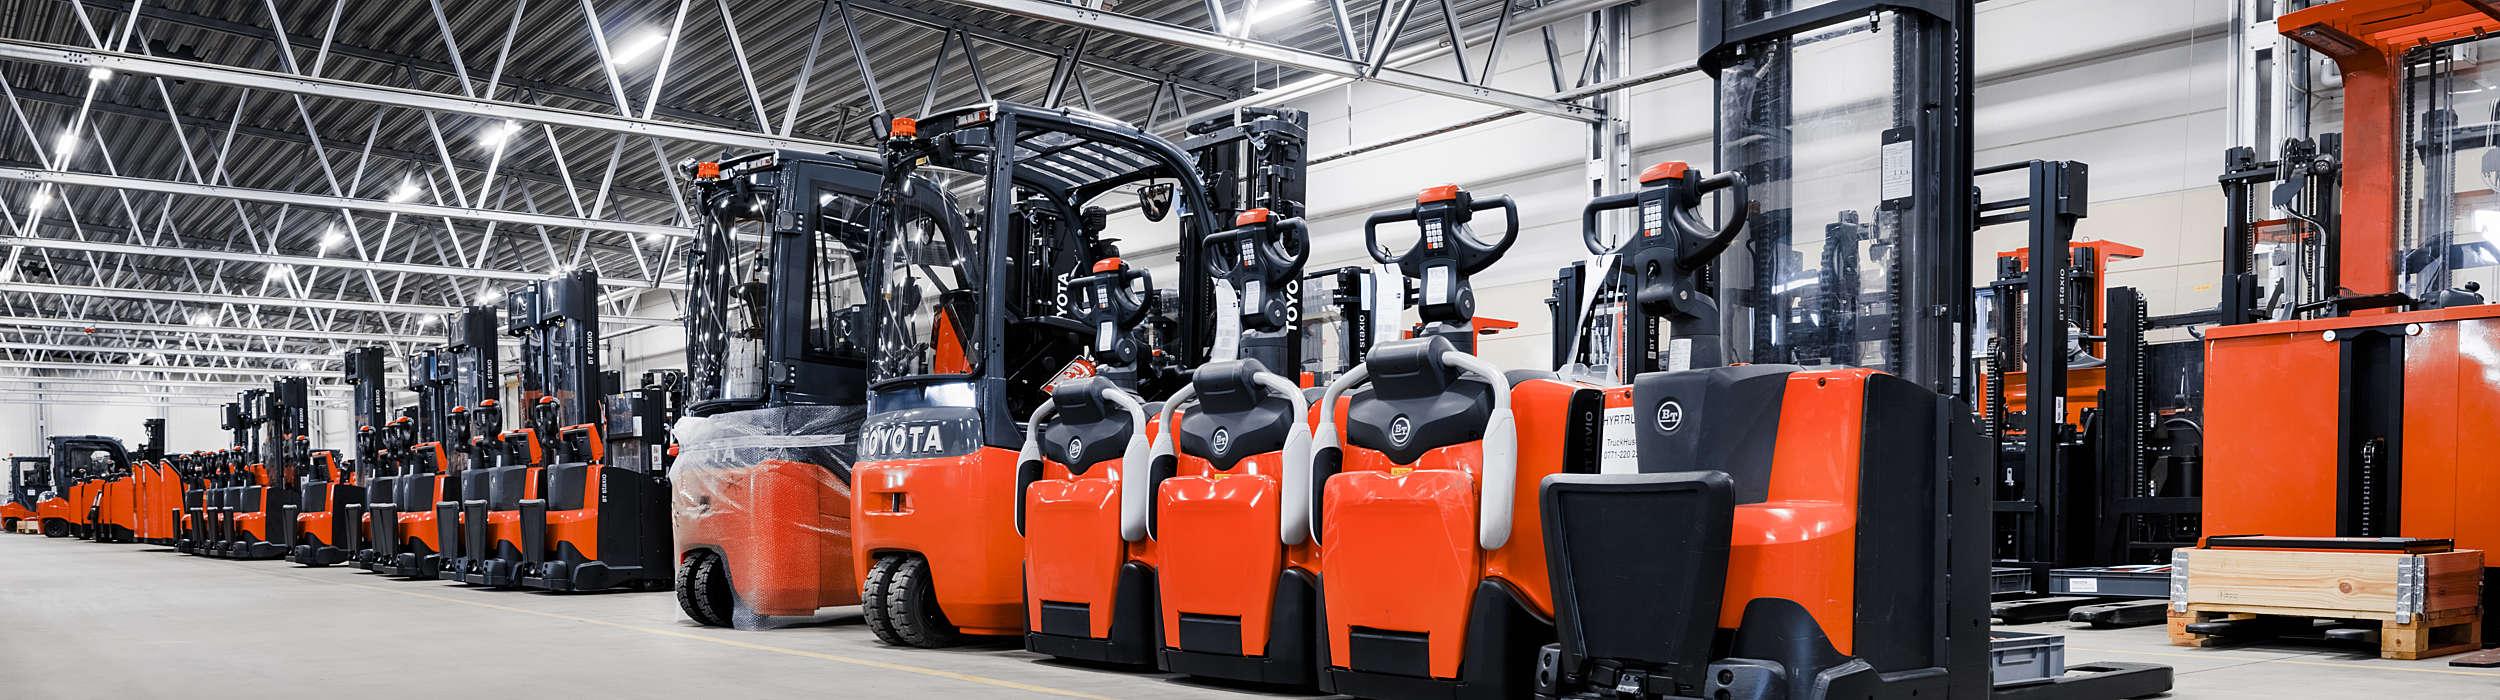 Her finder du din nye gaffeltruck, stabler eller palleløfter. Få også information om førerløse AGV truck!